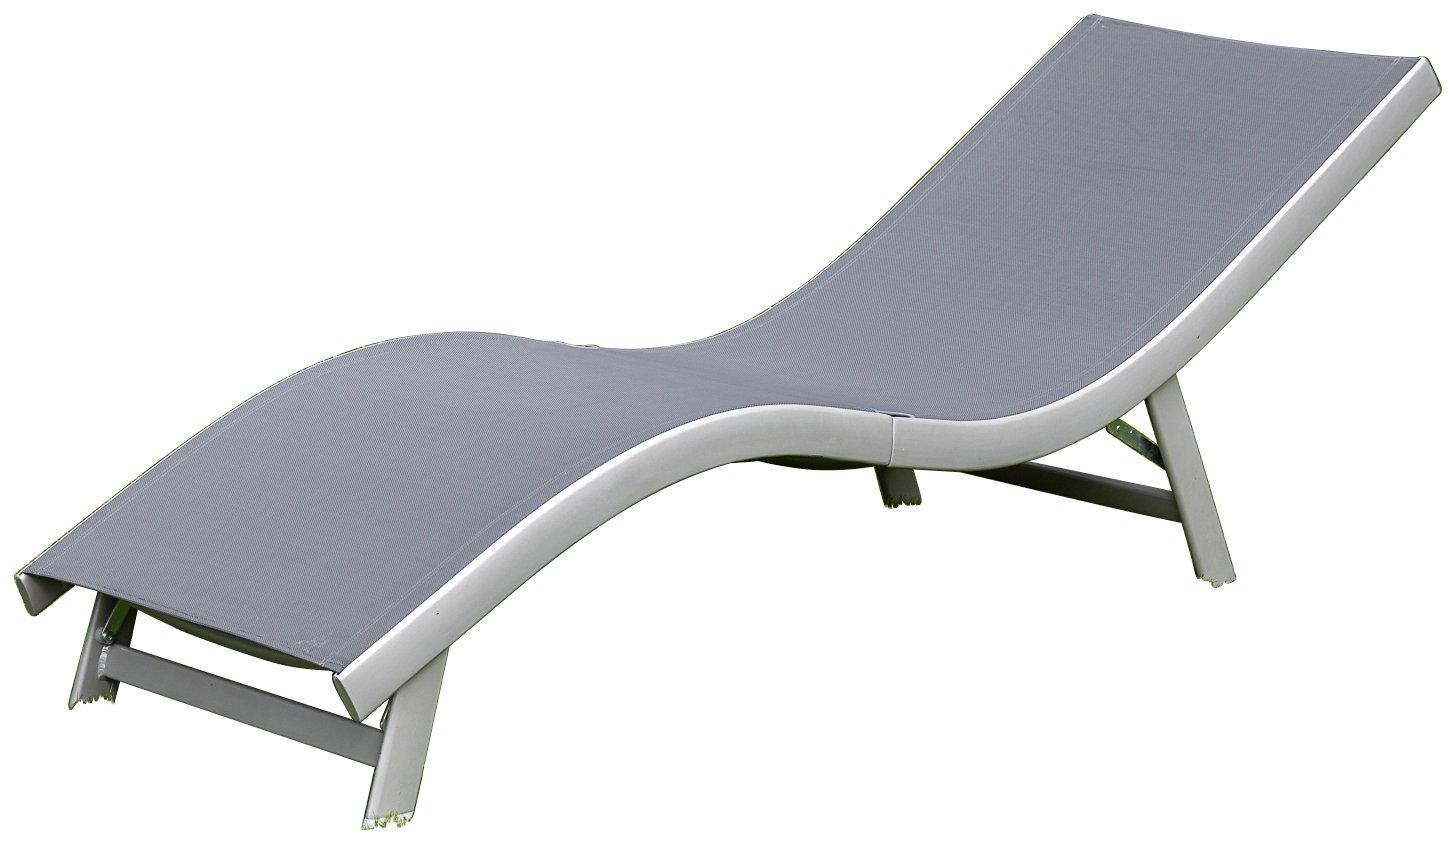 Full Size of Ausklappbares Bett Ausklappbar Wohnzimmer Gartenliege Klappbar